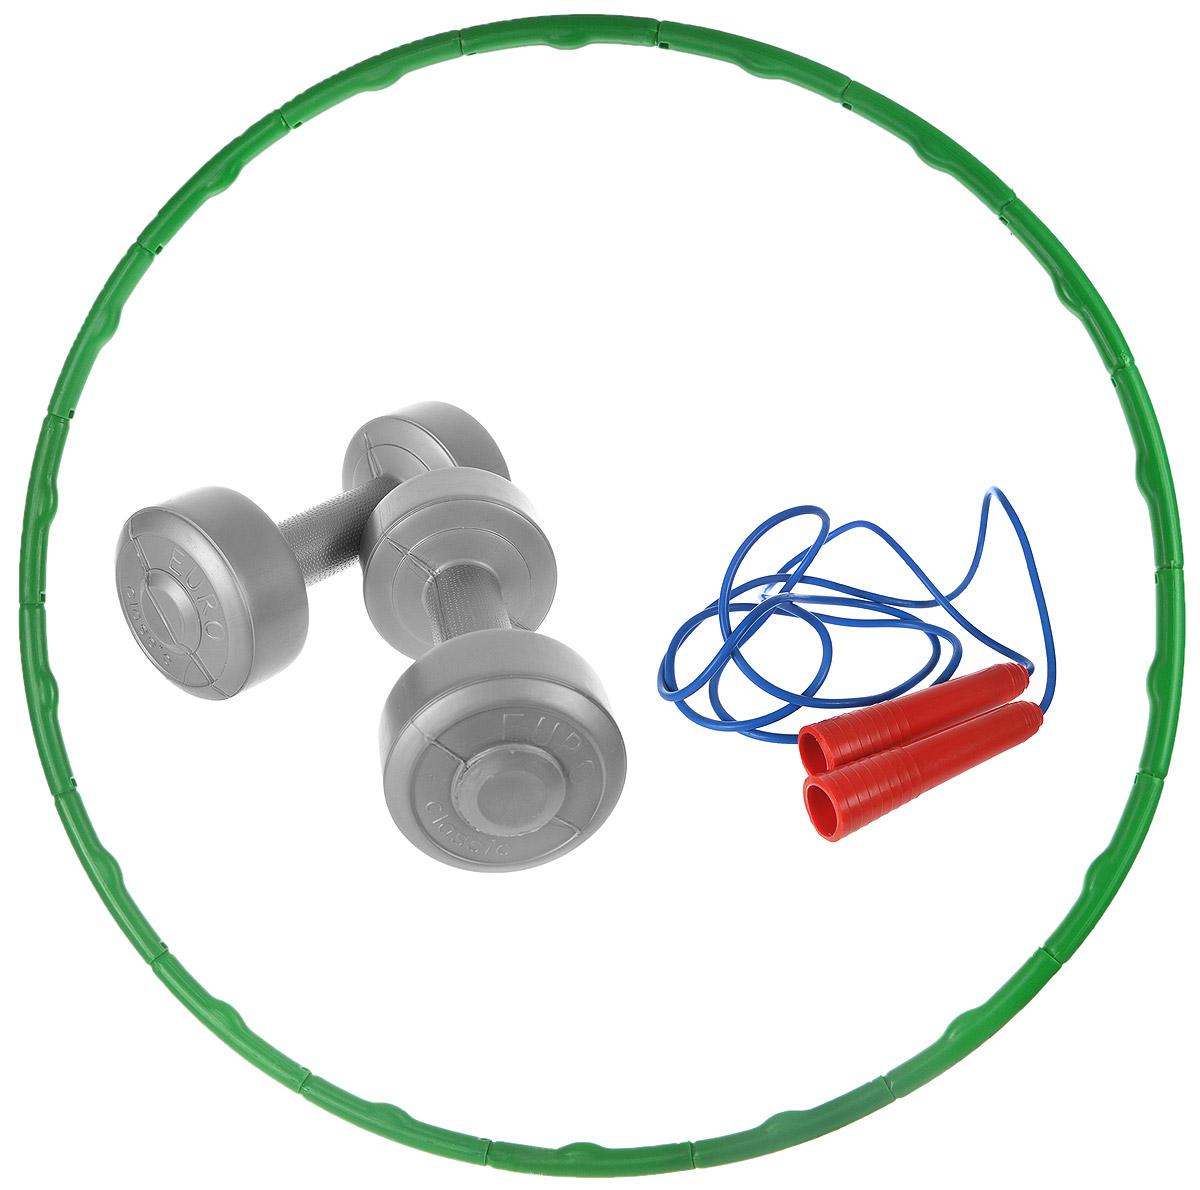 Набор для фитнеса Евро-Классик Игра и здоровье, 3 предметаИиЗНабор для домашнего фитнеса Игра и здоровье - увлекательная игра для детей и взрослых. С помощью этого набора, вы сможете скорректировать талию, поднять тонус и укрепить обще-физическое состояние организма.В набор входит: разборный массажный обруч диаметром 90 см (18 сегментов), 2 виниловые гантели весом по 1 кг, скакалка 2,8 м и буклет с вариантами упражнений и игр для детей